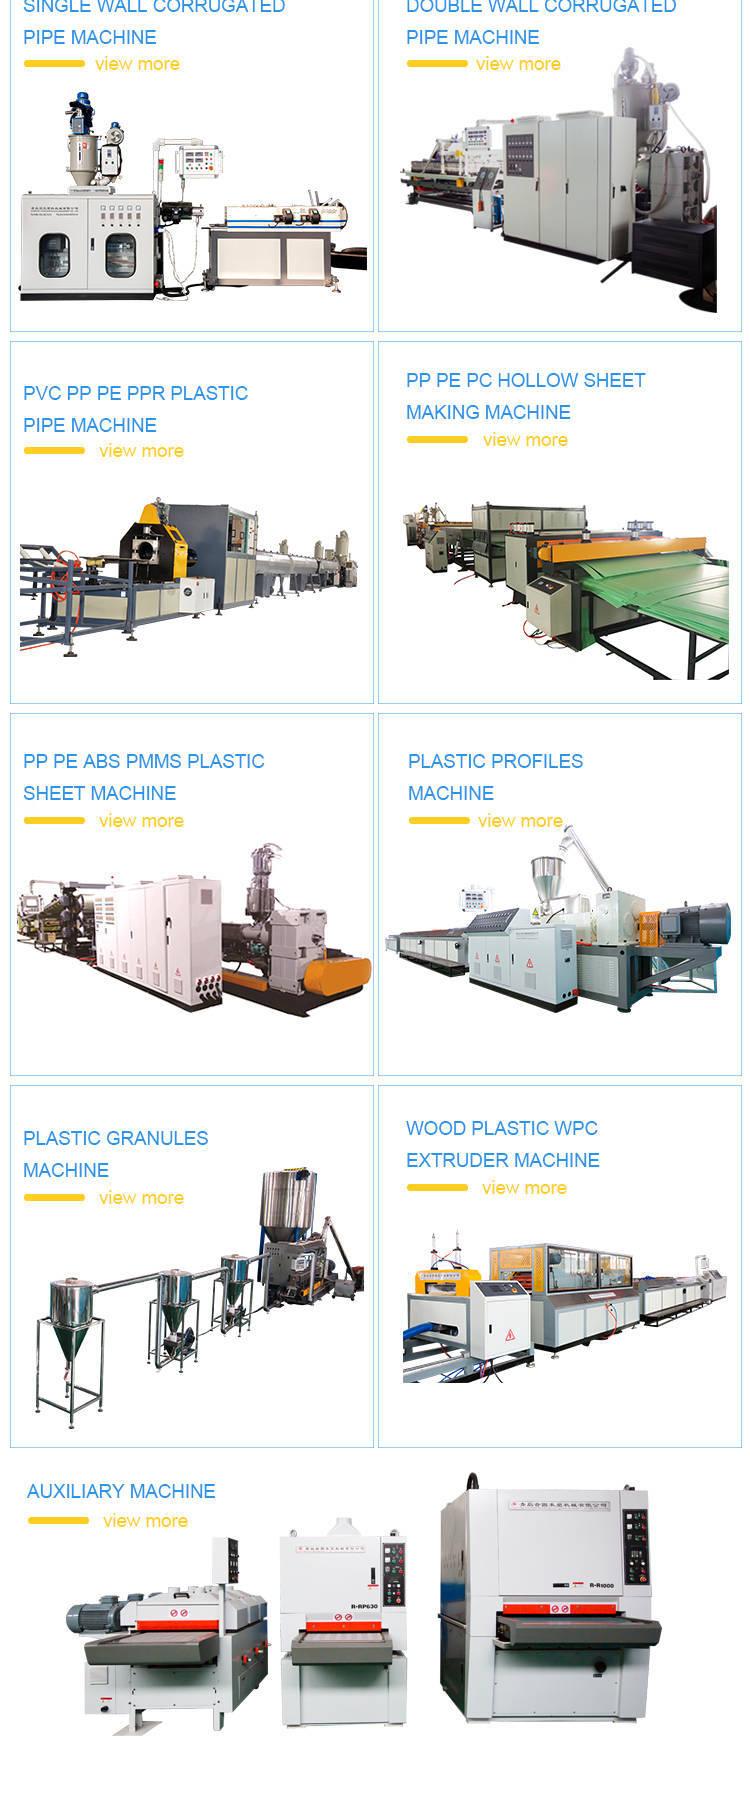 Main Products of Qongdao Tongsan